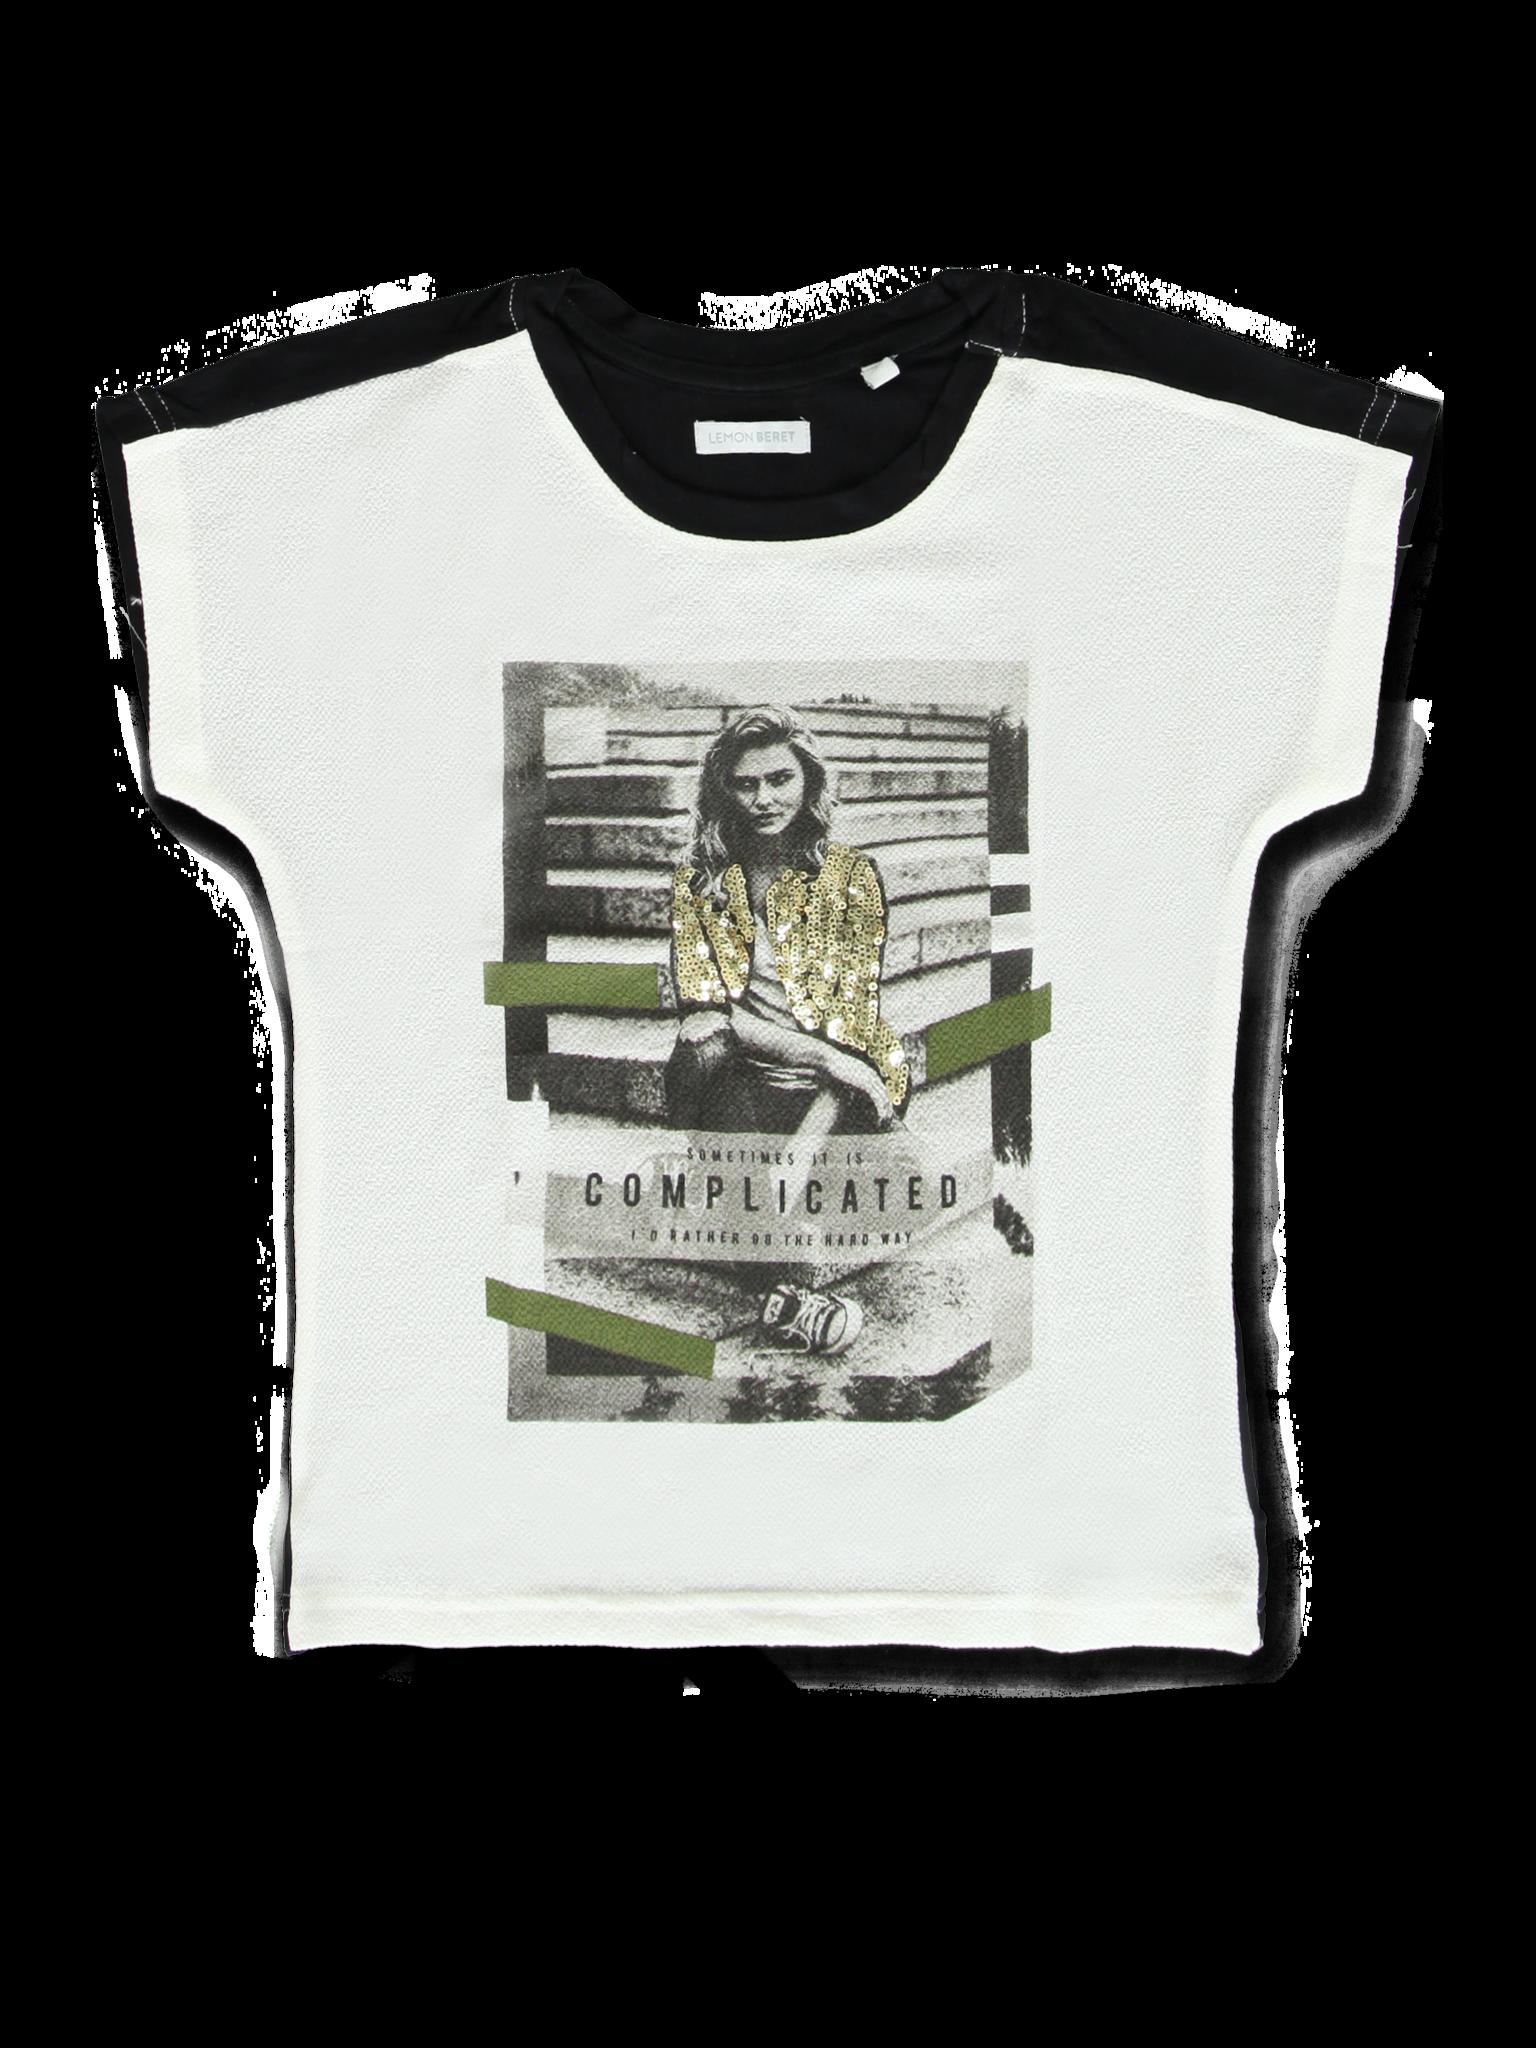 All Brands | Summerproducts Teen Girls | T-shirt | 10 pcs/box